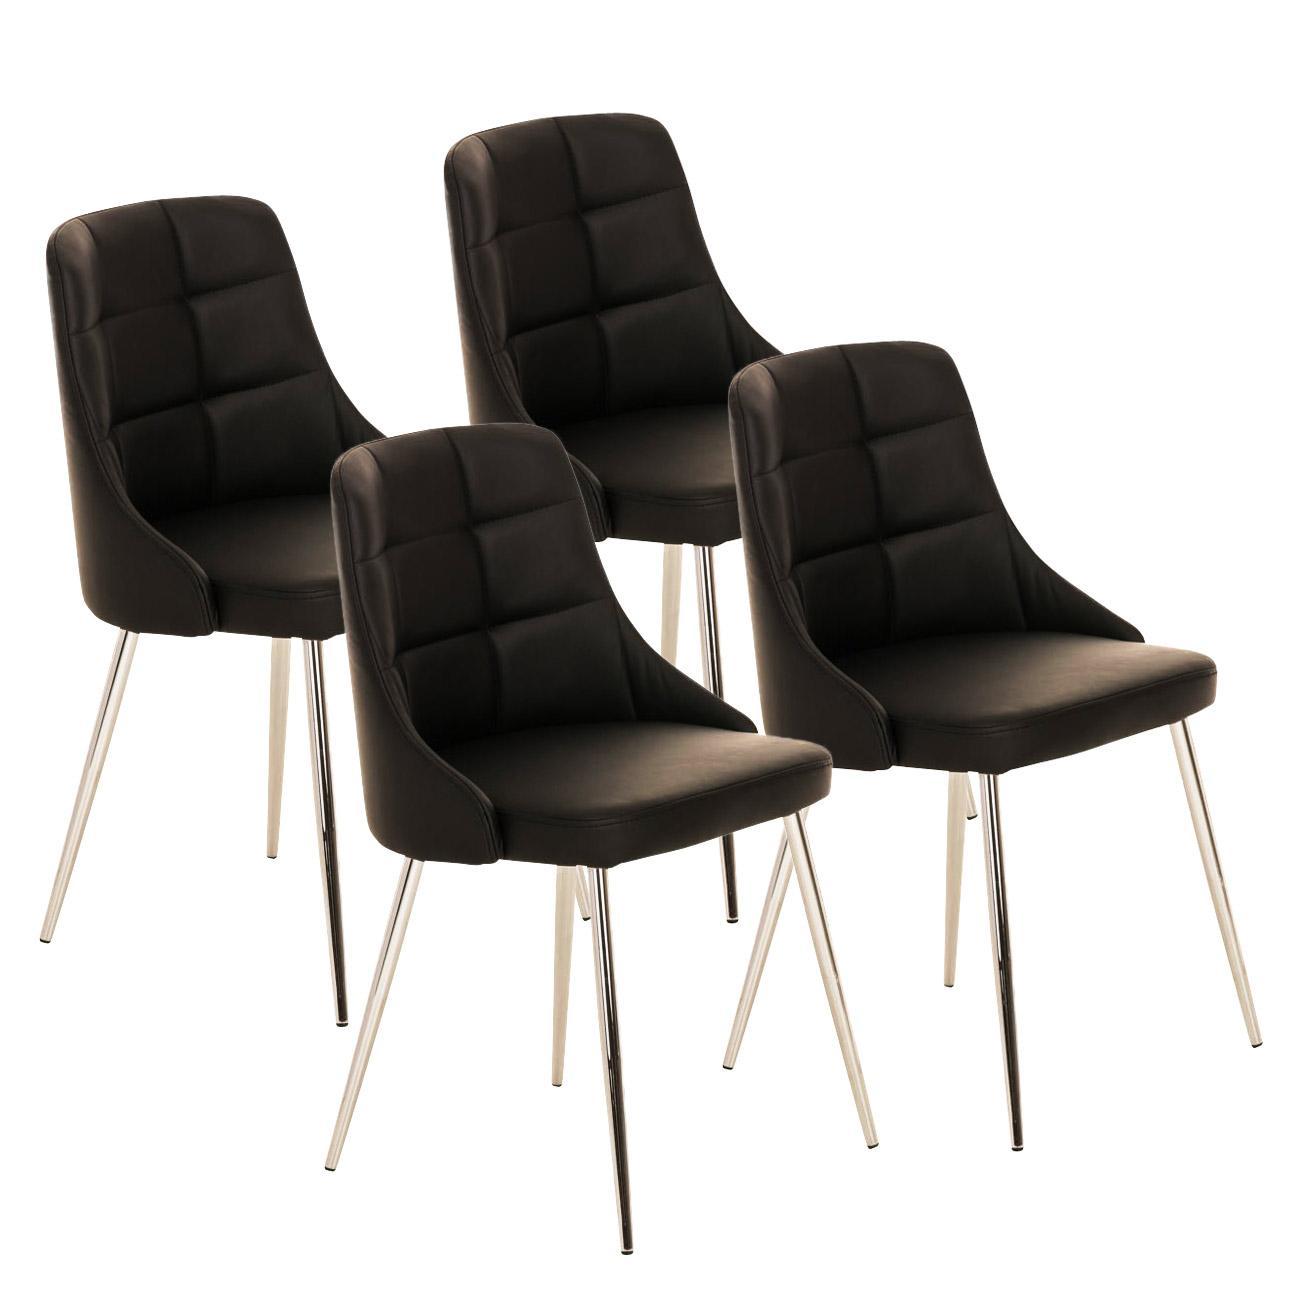 Lote 4 sillas de comedor o cocina harrison en piel negro for Sillas en piel para comedor